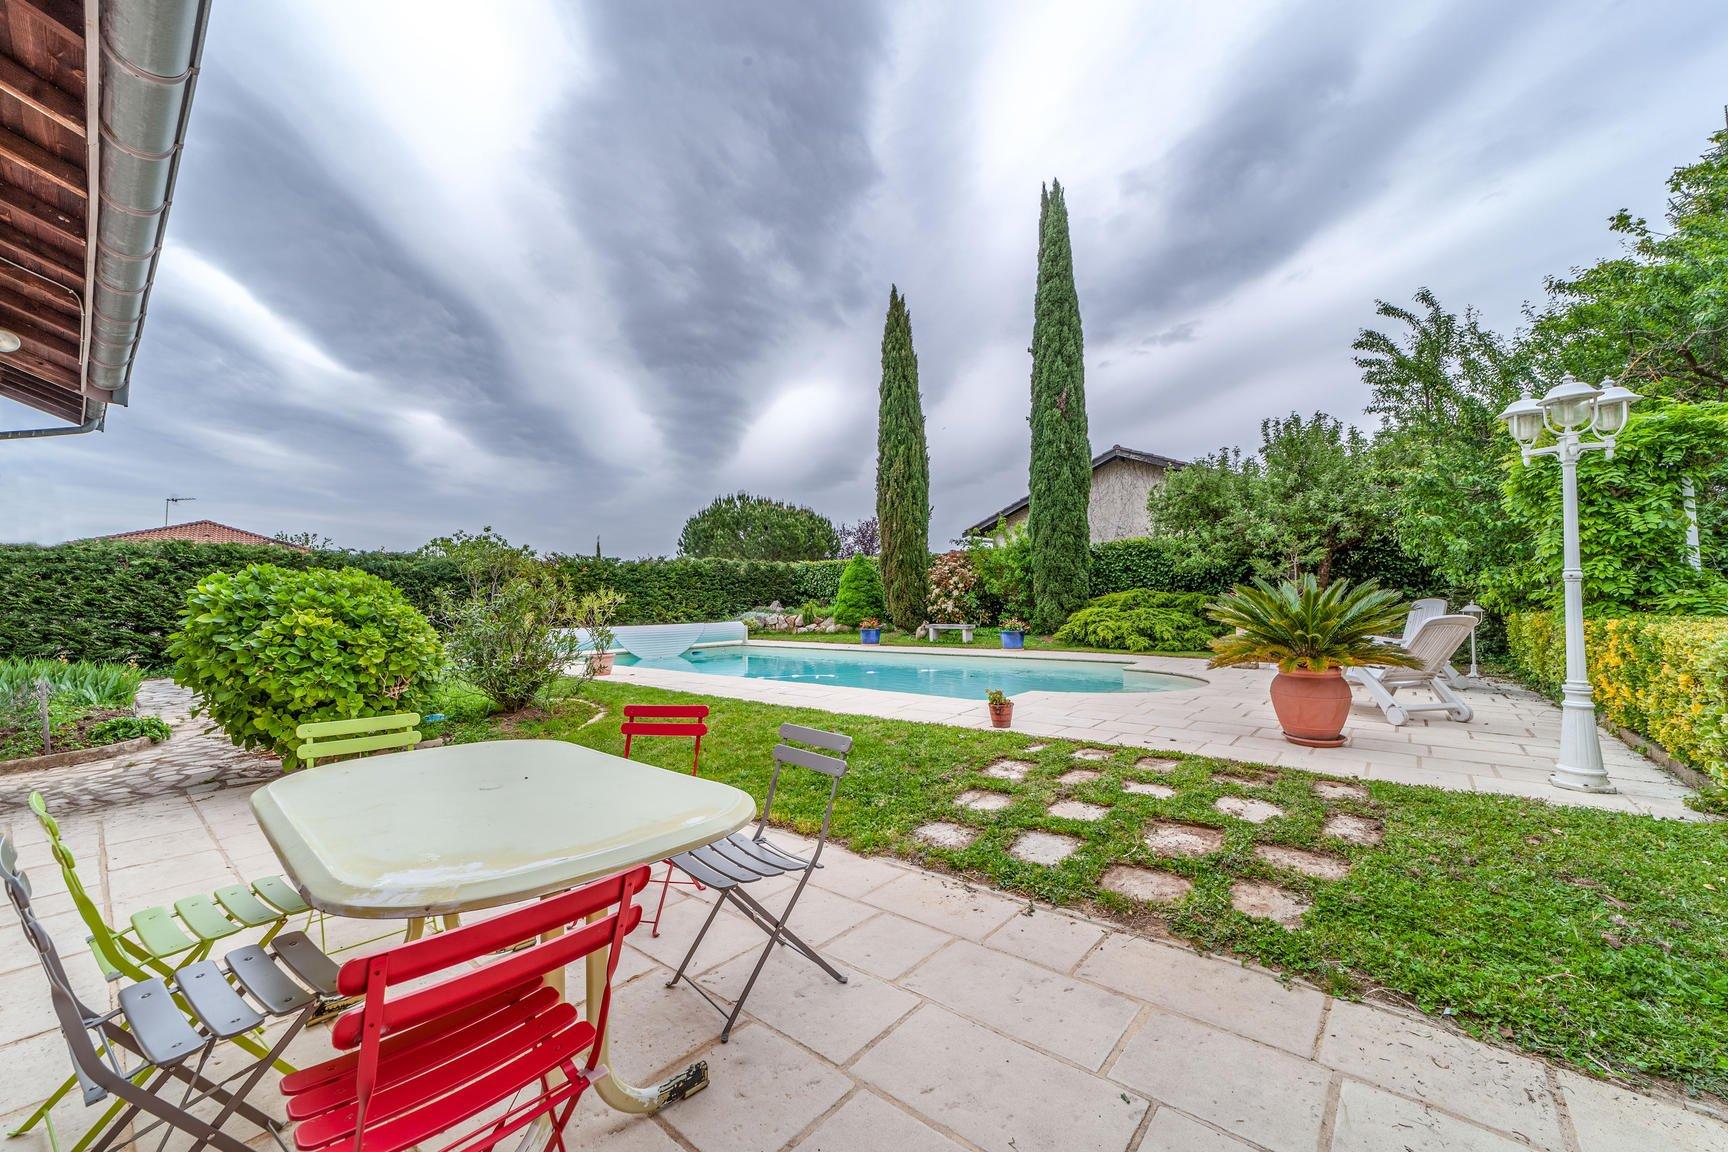 Maison familiale 6 chambres avec piscine